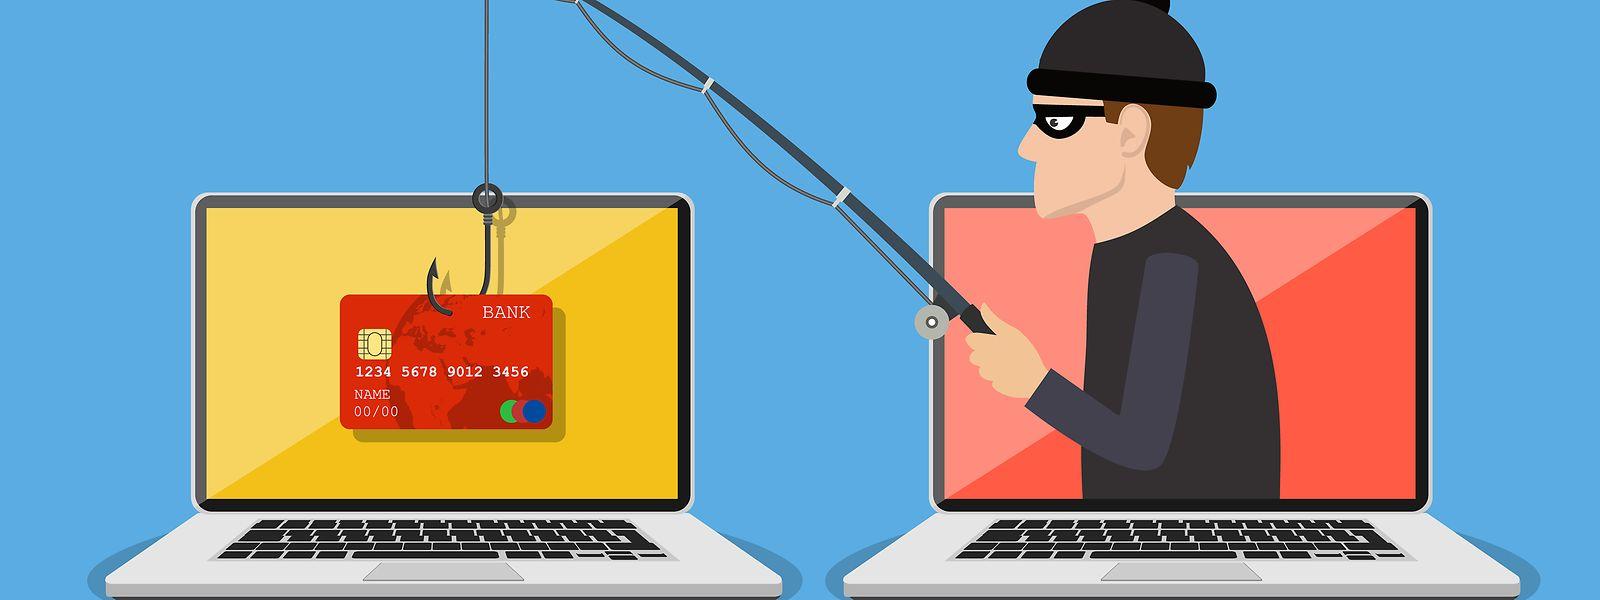 Wenn das E-Mail-Passwort gehackt wurde, besteht die Gefahr, dass über den Account die Passwörter aller anderen Benutzerkontengeändert werden und man so keinen Zugang mehr hat.